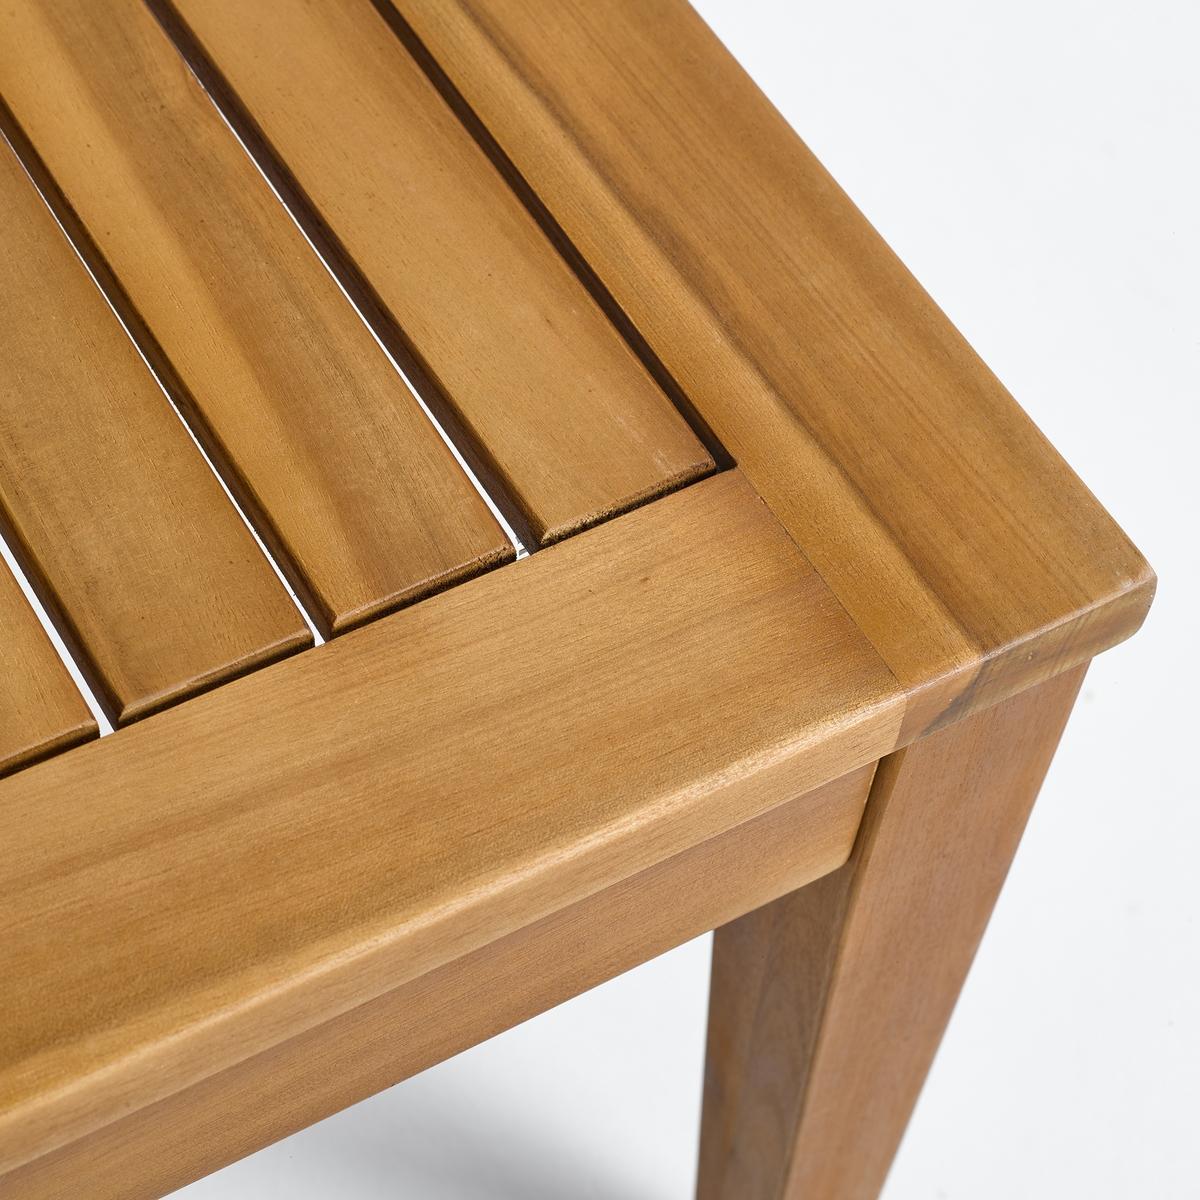 Столик журнальный для сада из акации, Cl?antheЖурнальный столик Cl?anthe. Журнальный столик из акации для создания атмосферы в саду или на террасе.Характеристики :- Из акации, покрытой олифой- Поставляется готовым к сборке, инструкция прилагаетсяРазмеры  :- Ш.90 x В.40 x Г.90 см, 10 кг.Размеры и вес упаковки :- Ш.95 x В.9 x Г.92,5 см, 12 кгДоставка: Доставка на этаж по предварительной записи! Внимание!Убедитесь в том, что размеры дверей, лестниц,  лифтов позволяют доставить товар в упаковке до квартиры.<br><br>Цвет: коричнево-каштановый<br>Размер: единый размер